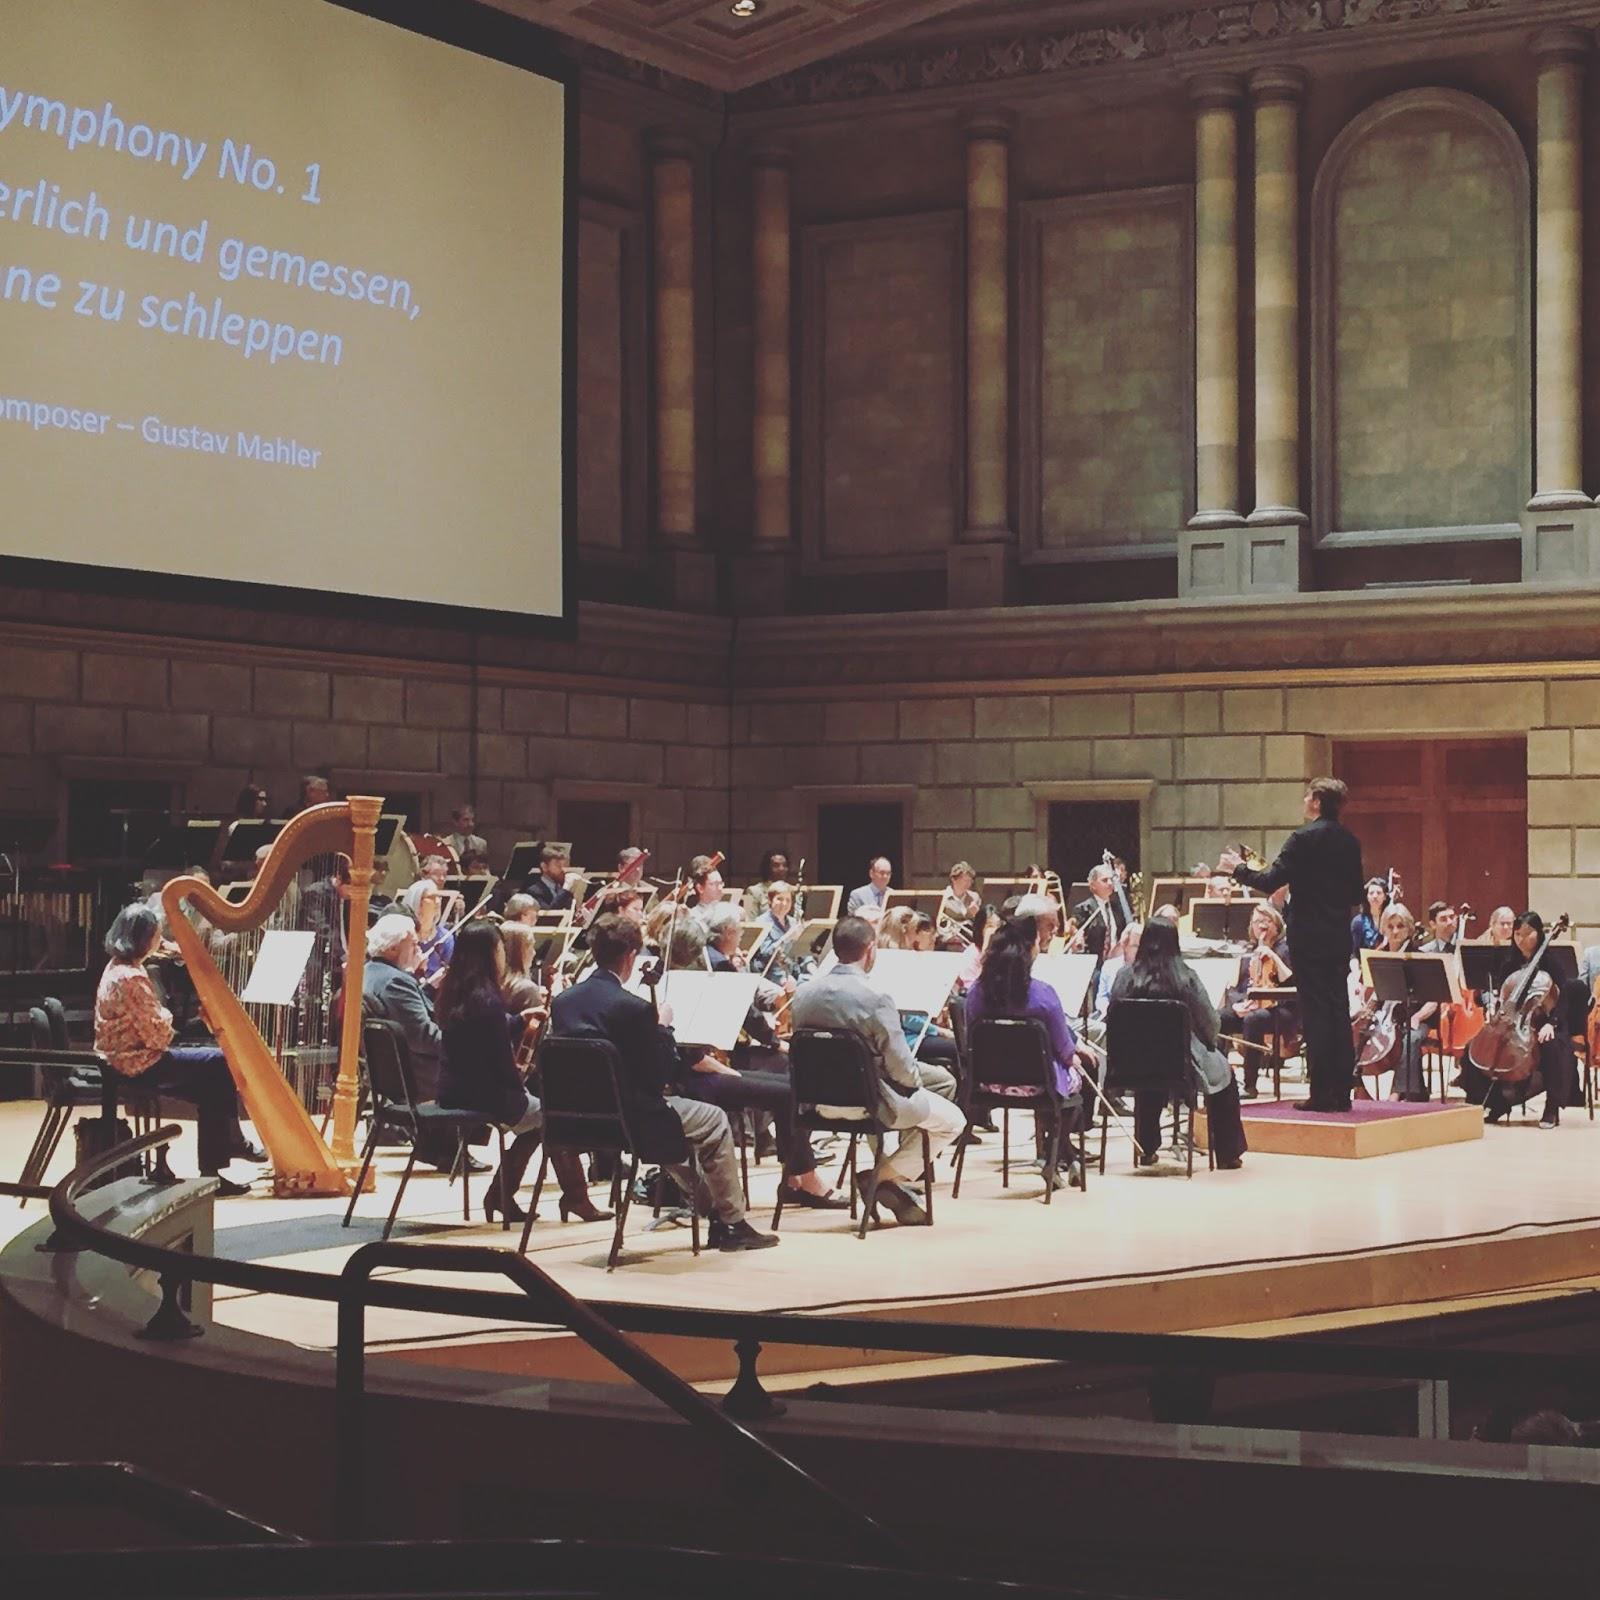 classical music concert essay